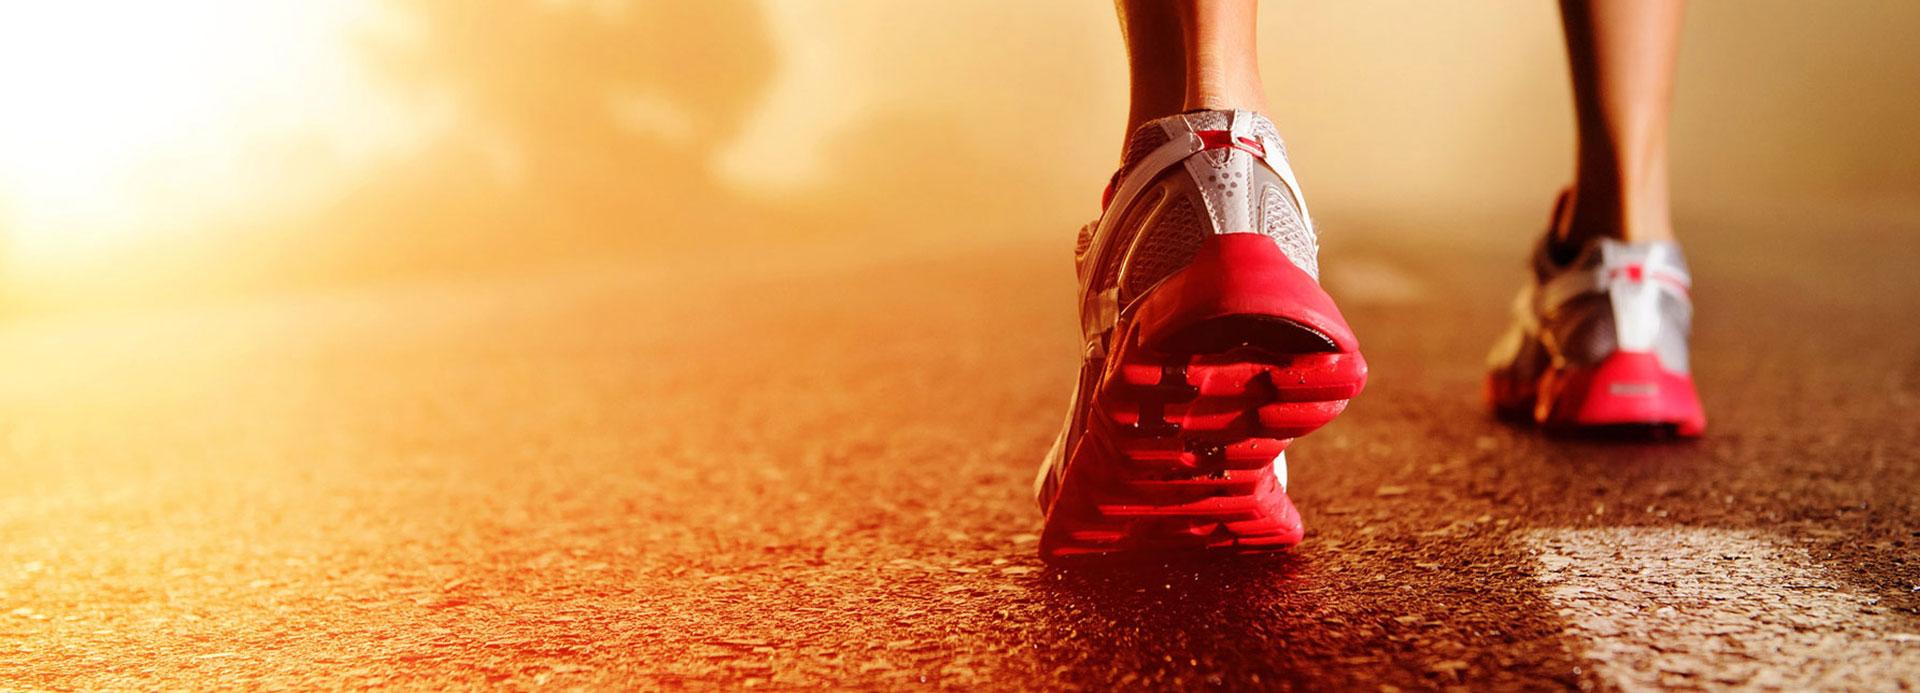 Chaussures de sport rouge porté par une femme.